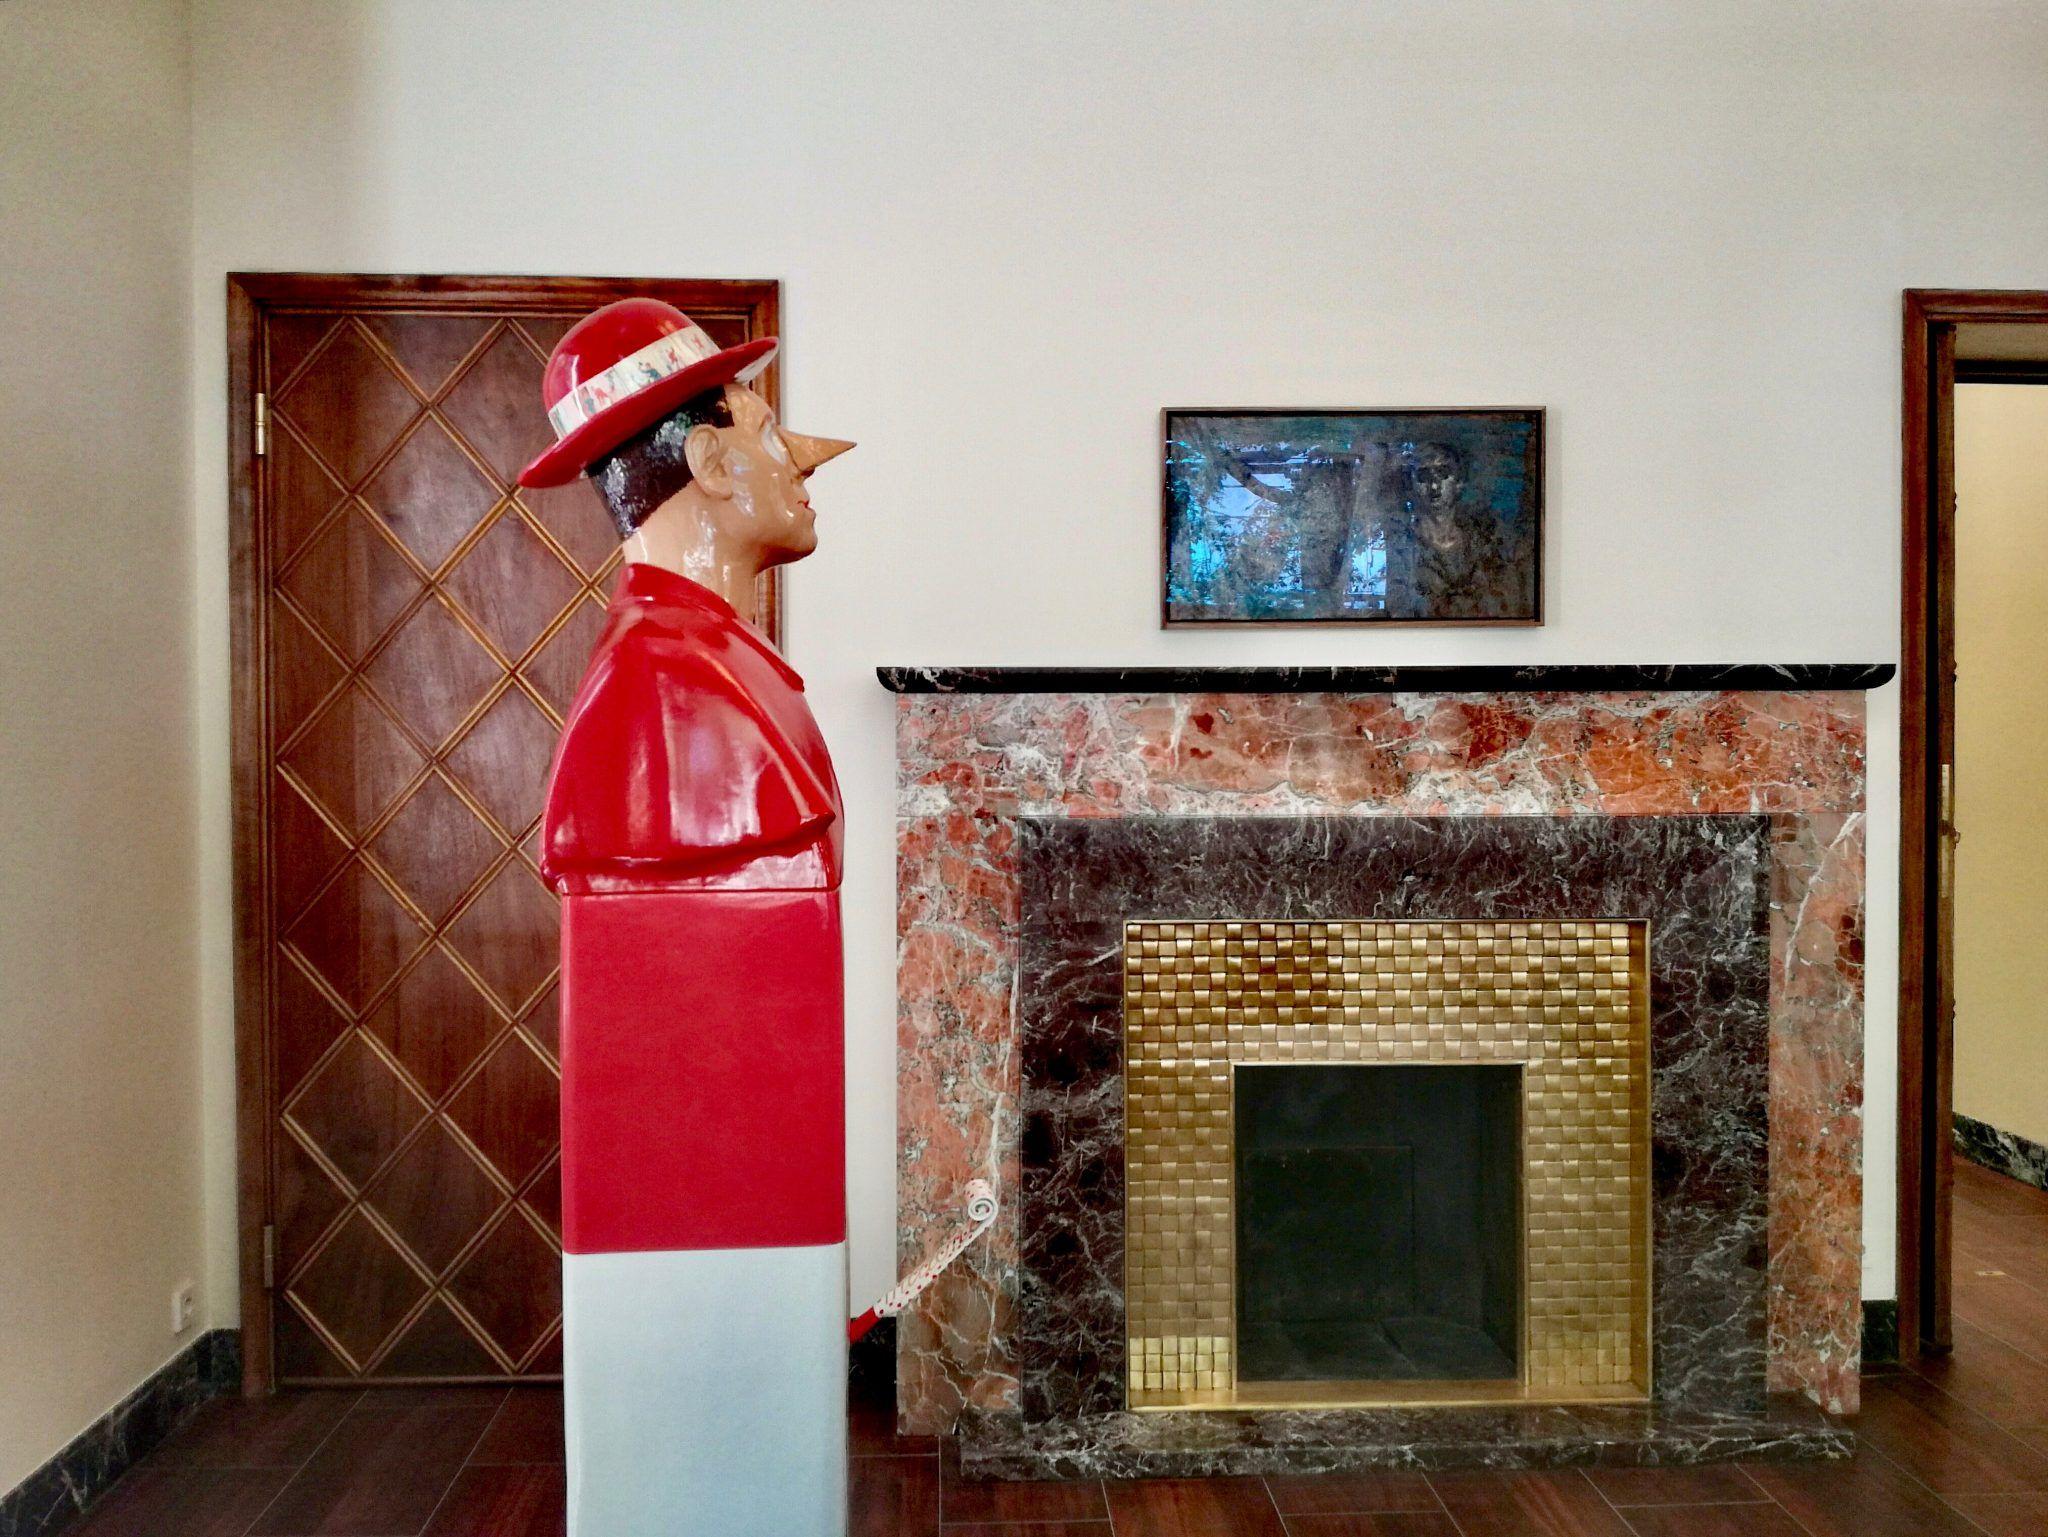 MCMXXXIV. Trionfo degli anni Trenta a Casa Corbellini-Wassermann, mostra e foto dalla nuova sede di Massimo De Carlo